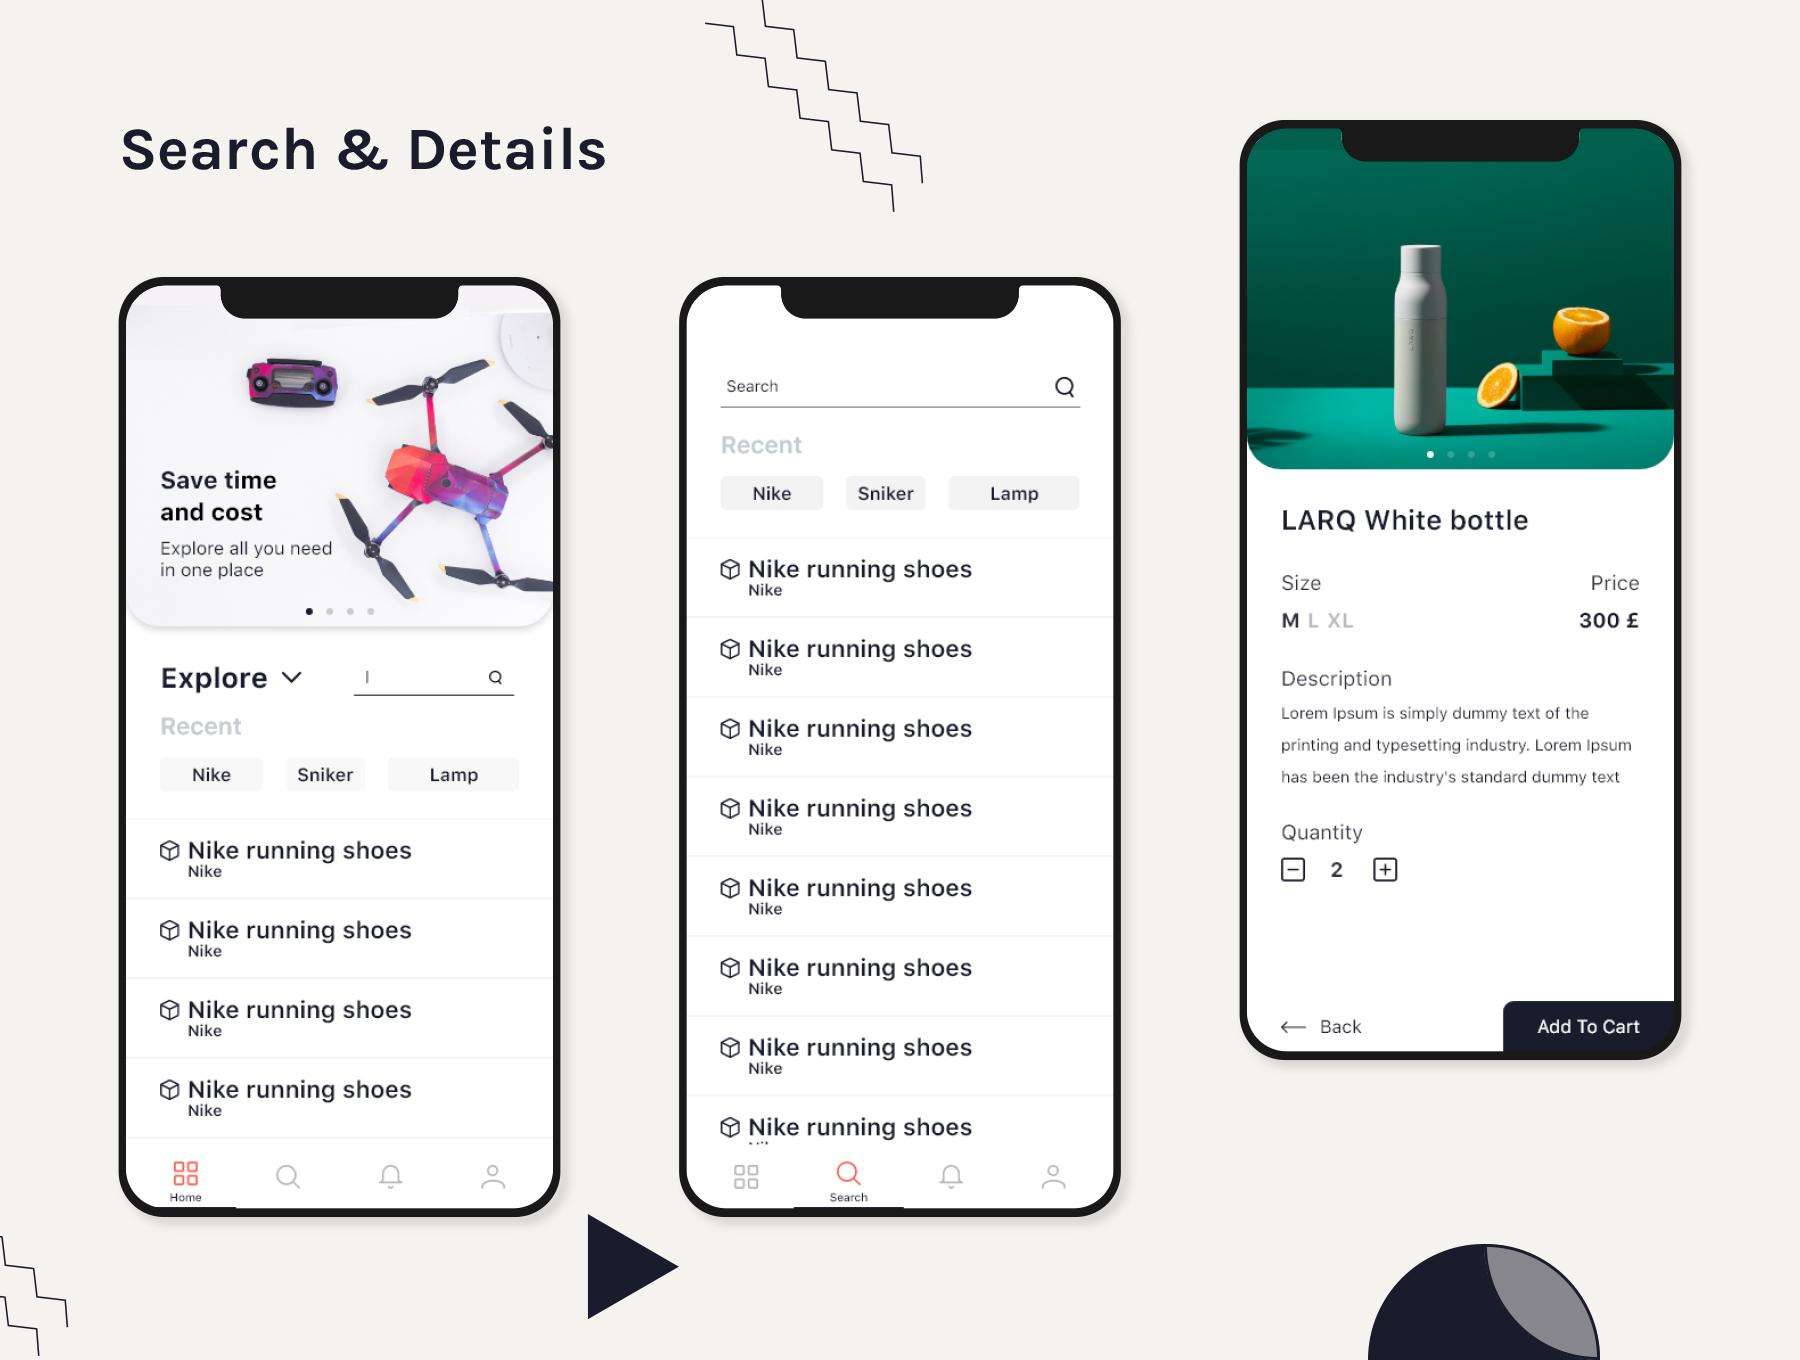 前卫的数码产品无人机电商APP设计模板 app设计iOS Ui套装下载[XD] Ink Mart Ecommerce UI Kit